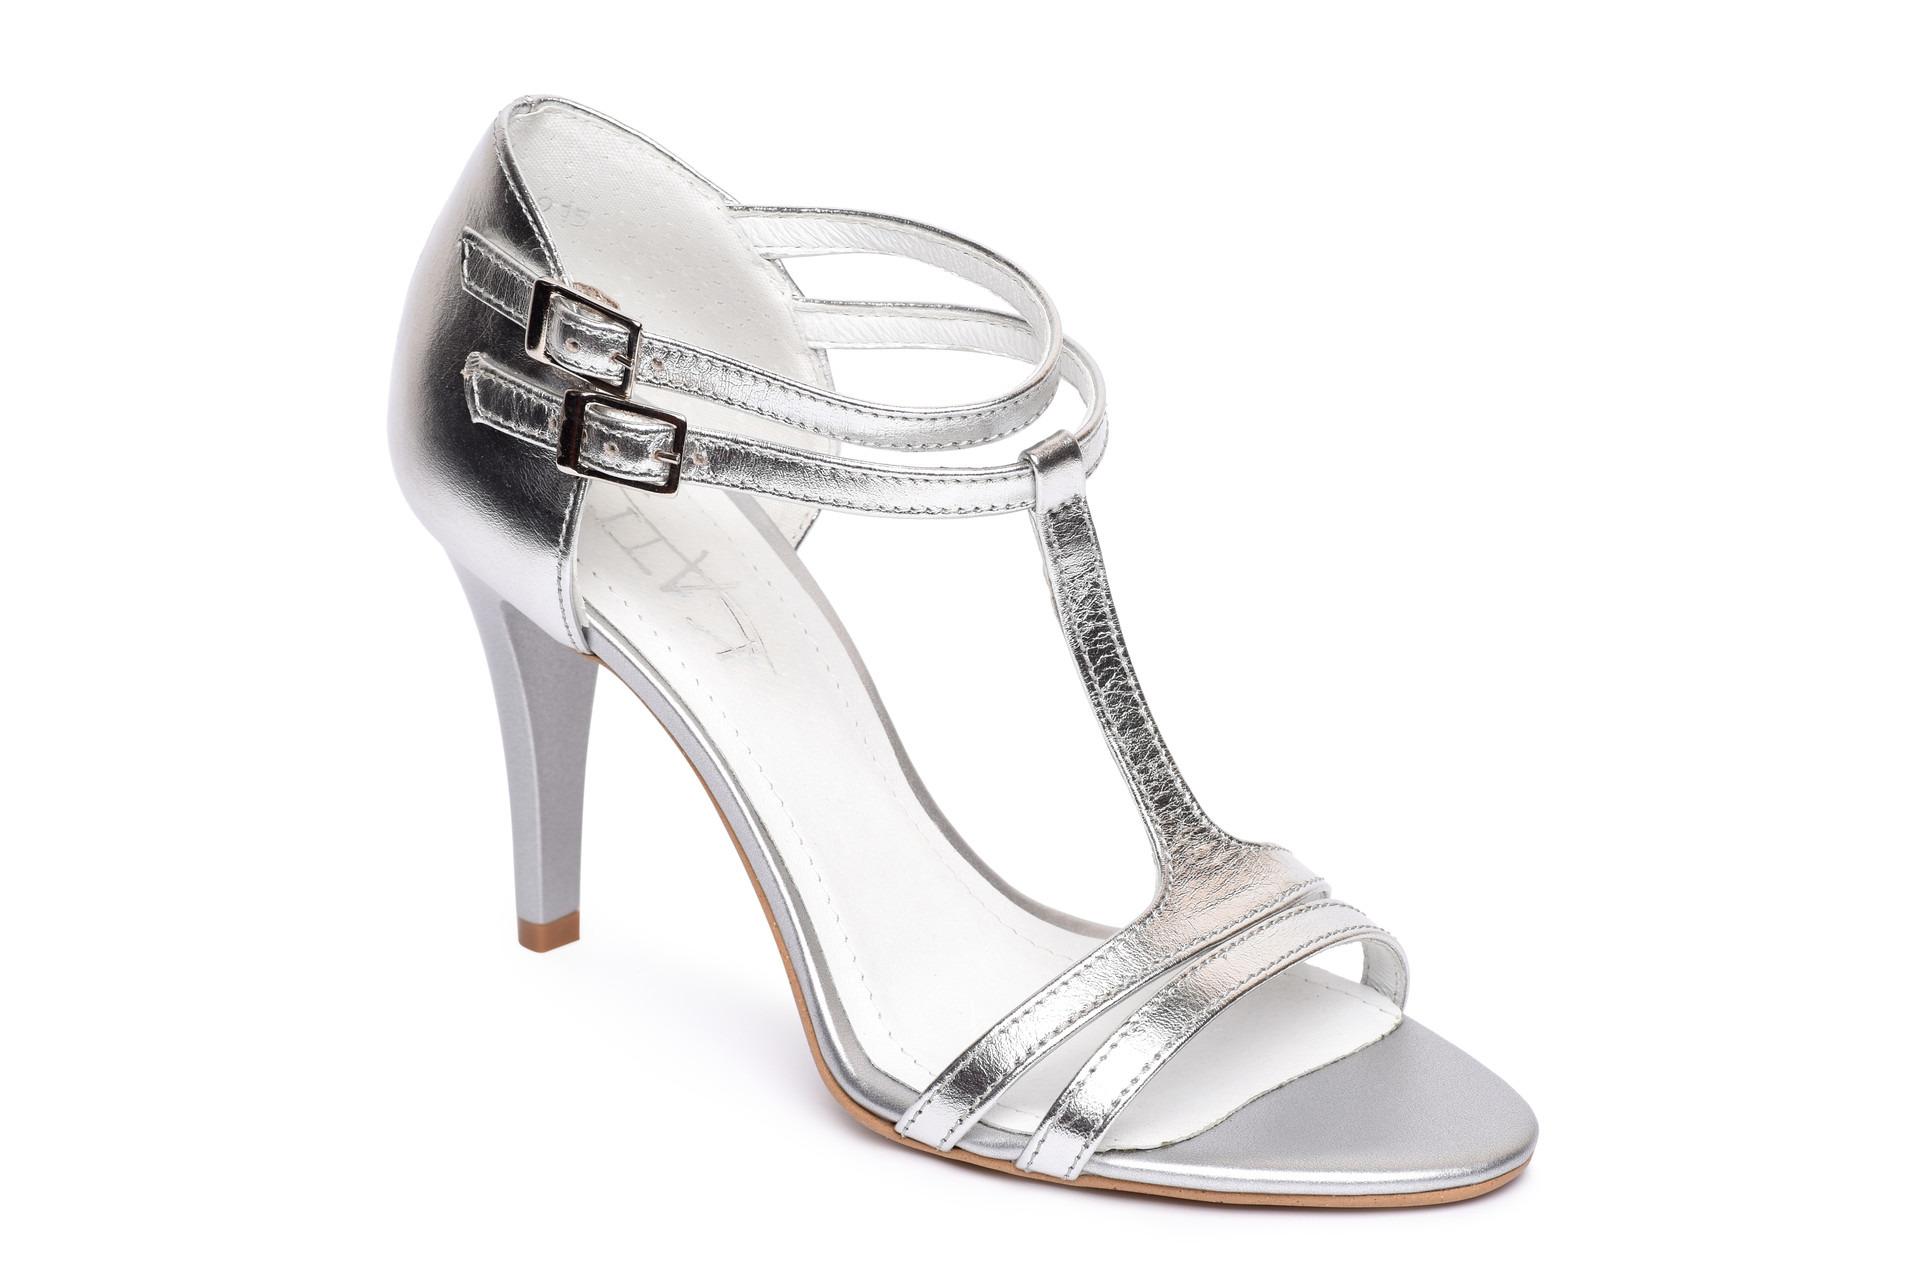 055a6bb930cc GALLERY SHOES - Sandále - Sandále strieborné spoločenské s pevnou ...